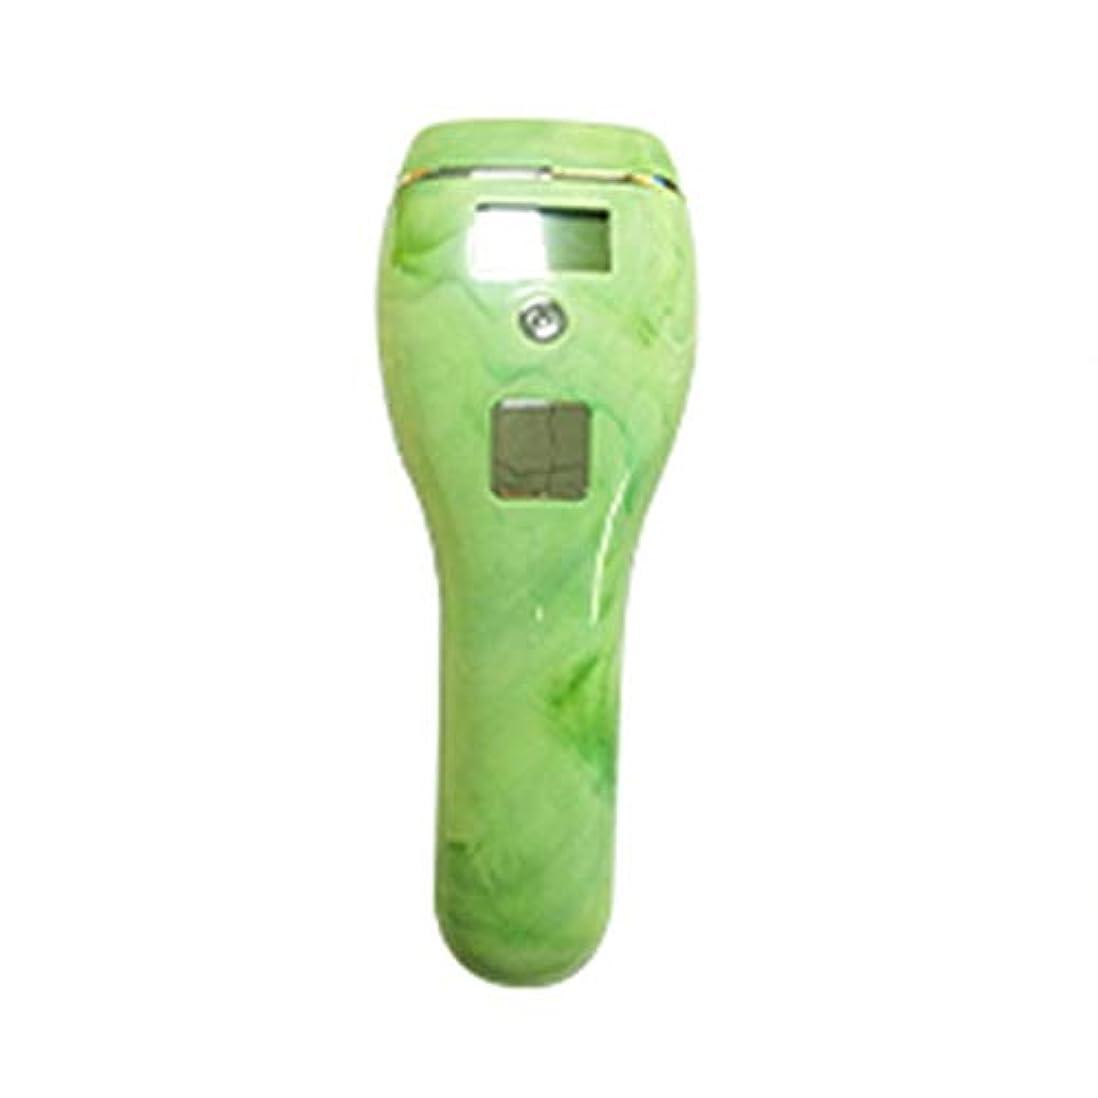 神降伏クラウド自動肌のカラーセンシング、グリーン、5速調整、クォーツチューブ、携帯用痛みのない全身凍結乾燥用除湿器、サイズ19x7x5cm 安全性 (Color : Green)